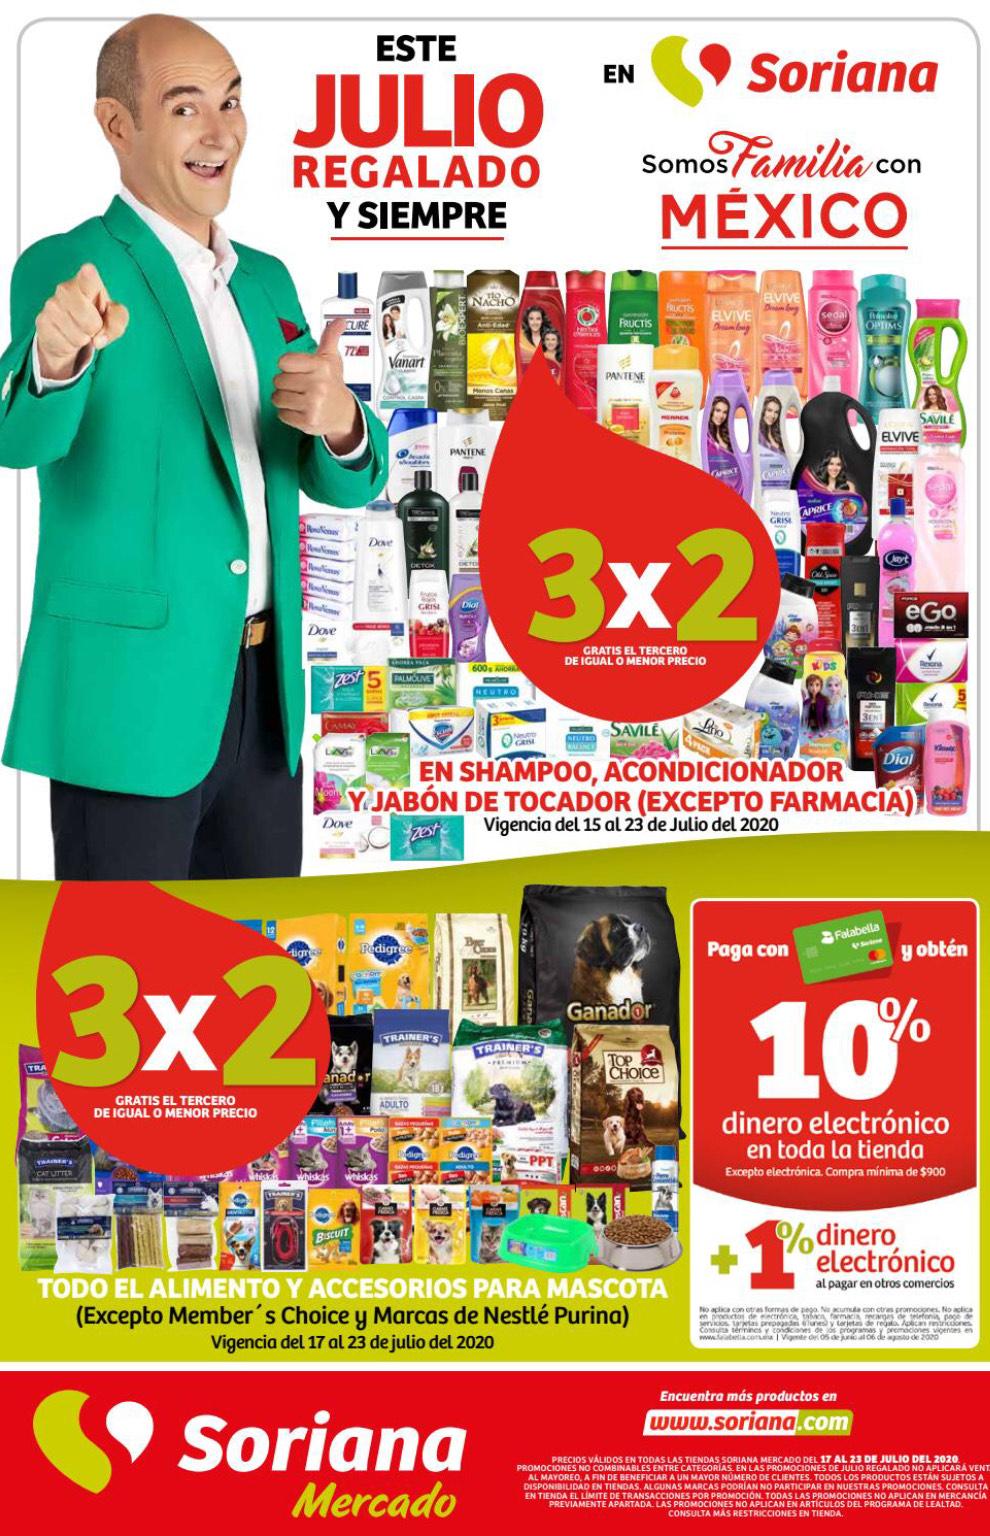 Julio Regalado 2020 en Soriana: 7mo Folleto de Soriana Mercado y Express